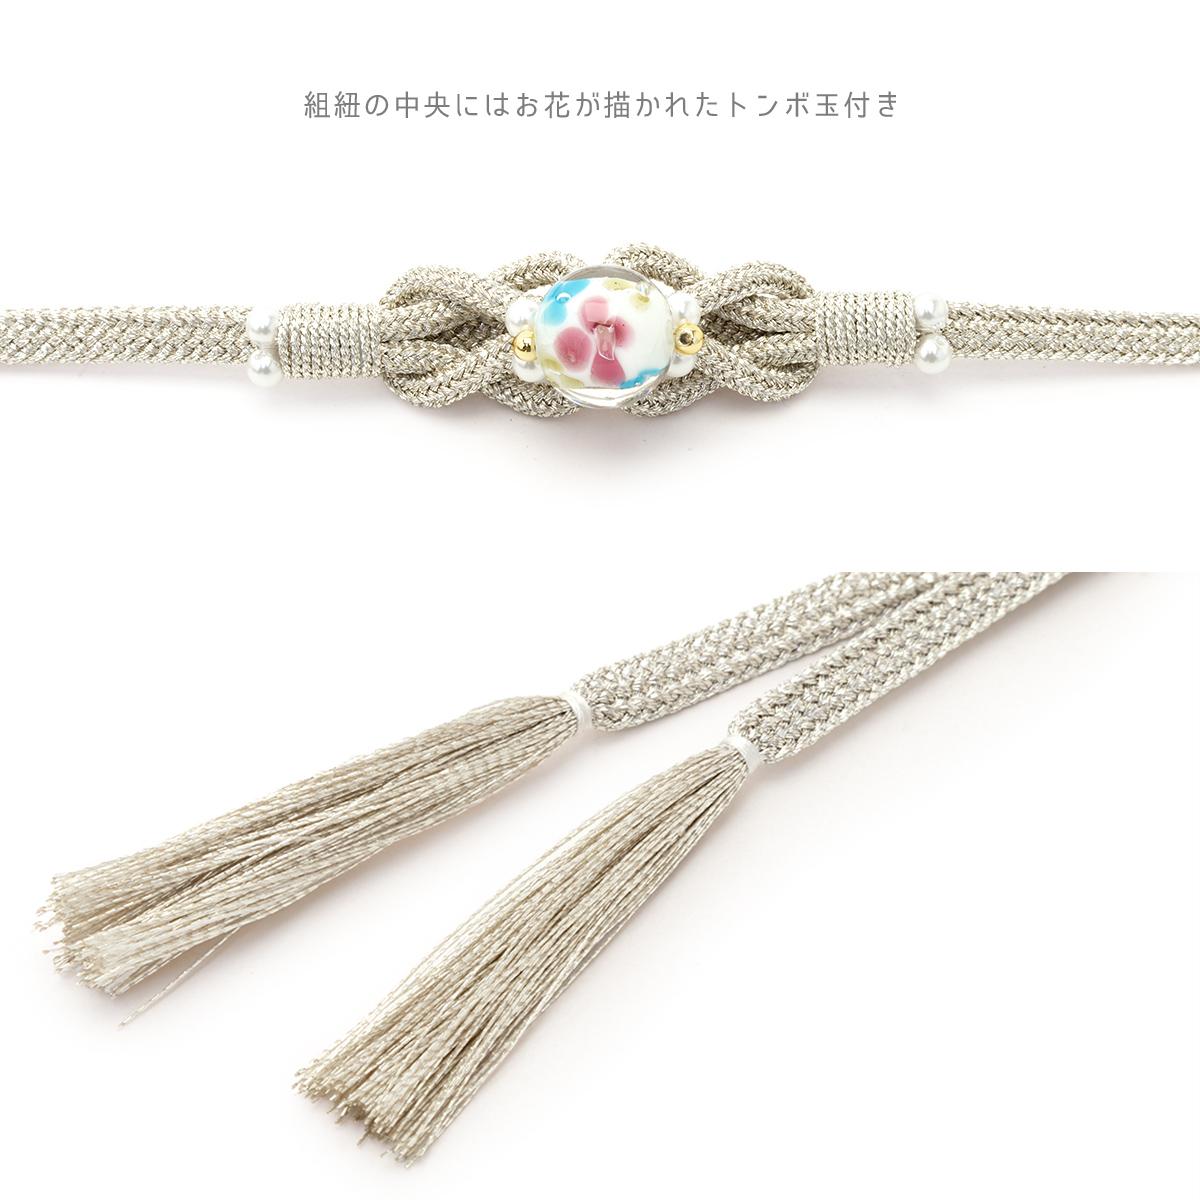 トンボ玉の飾り紐